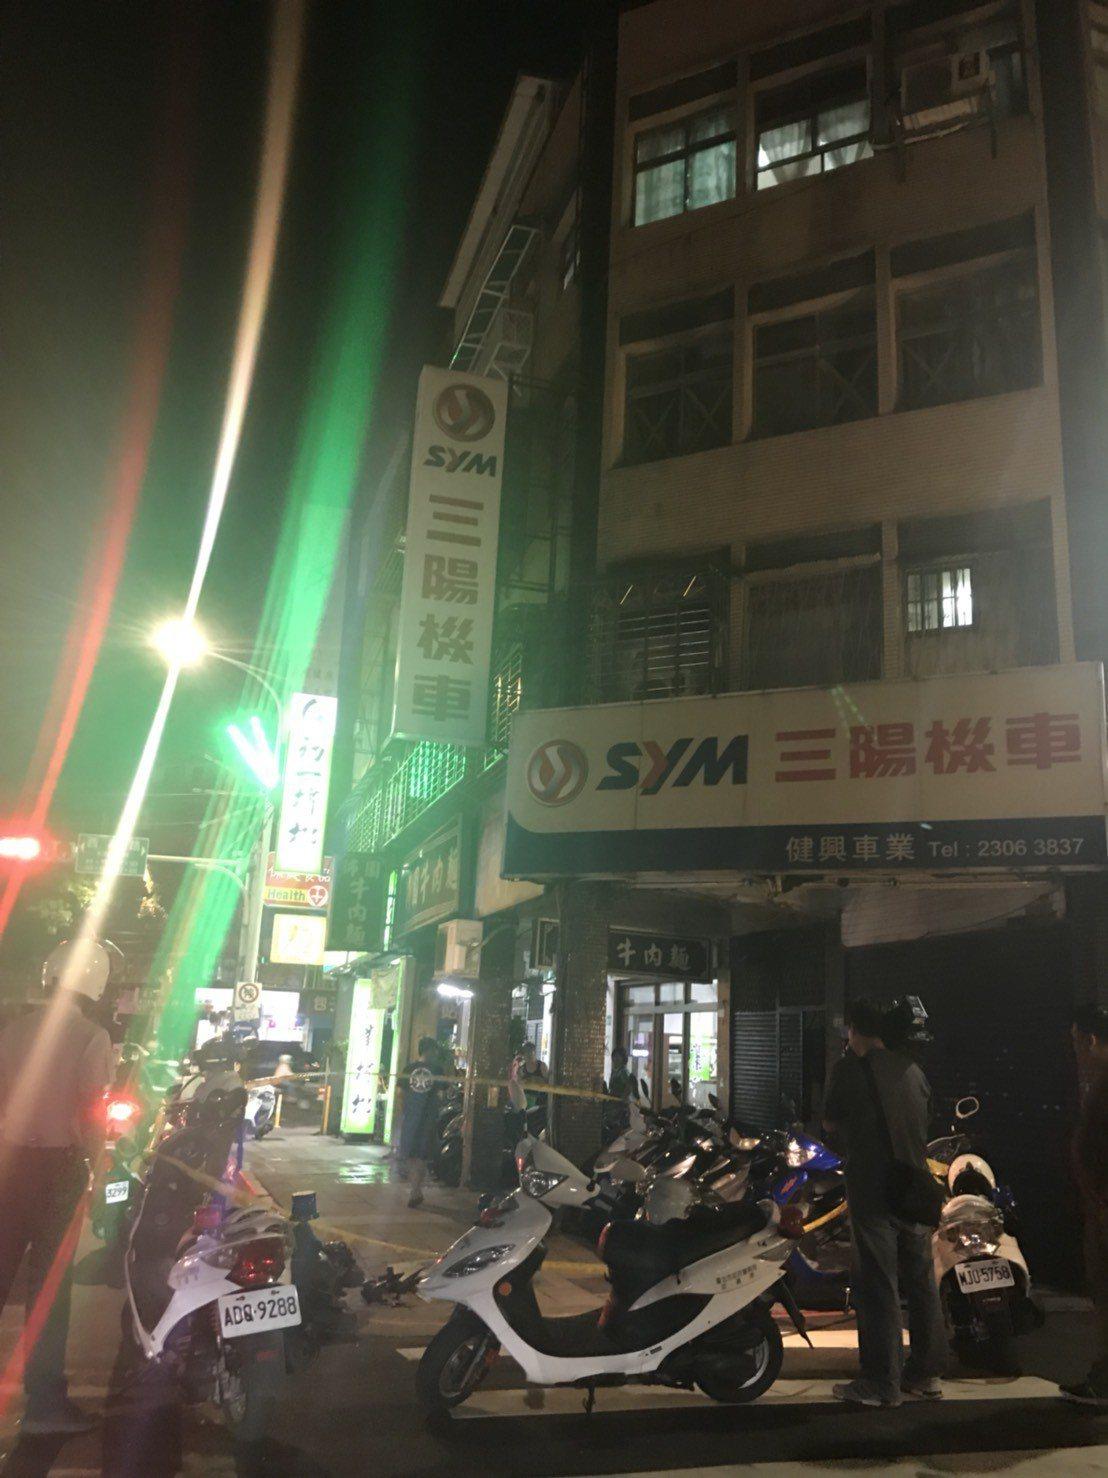 墜樓男子壓傷機車騎士,周邊許多民眾圍觀。記者蕭雅娟/攝影